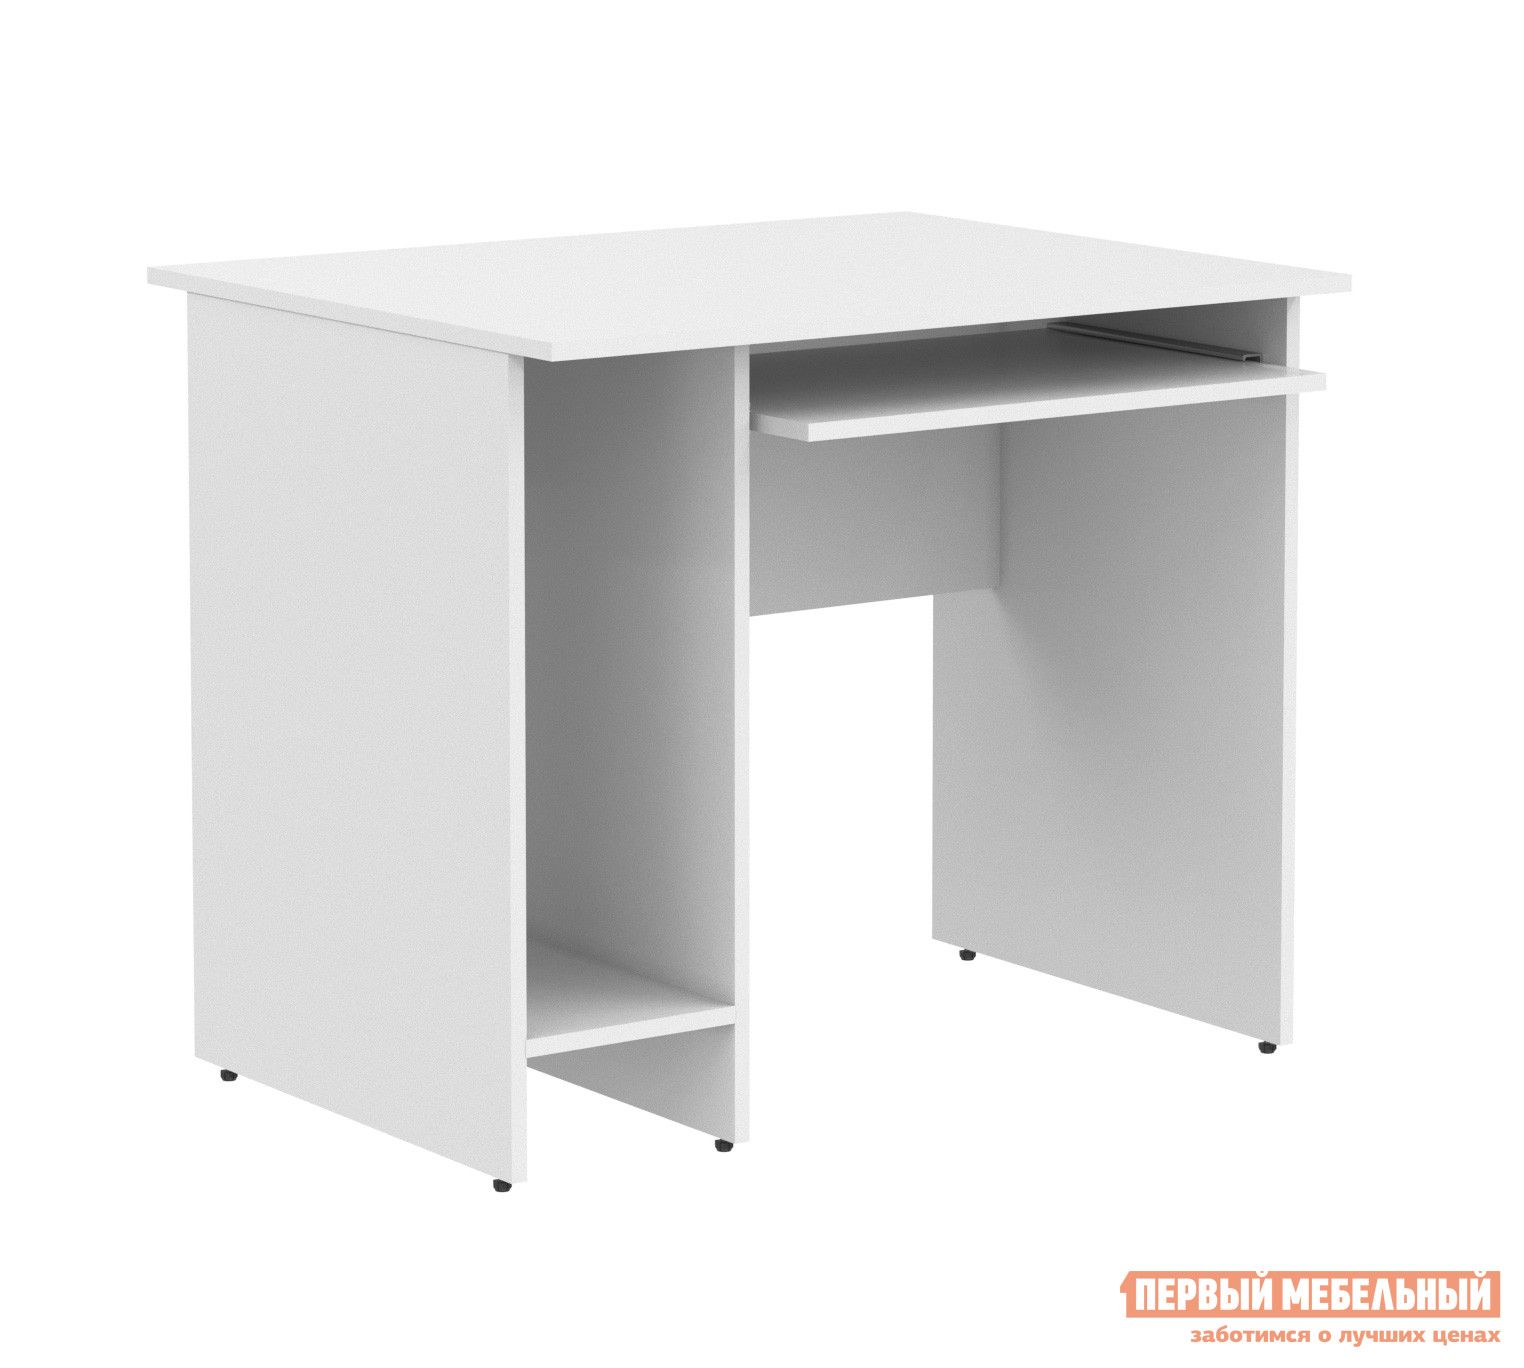 Компьютерный стол Тайпит СК-1 компьютерный стол кс 20 30